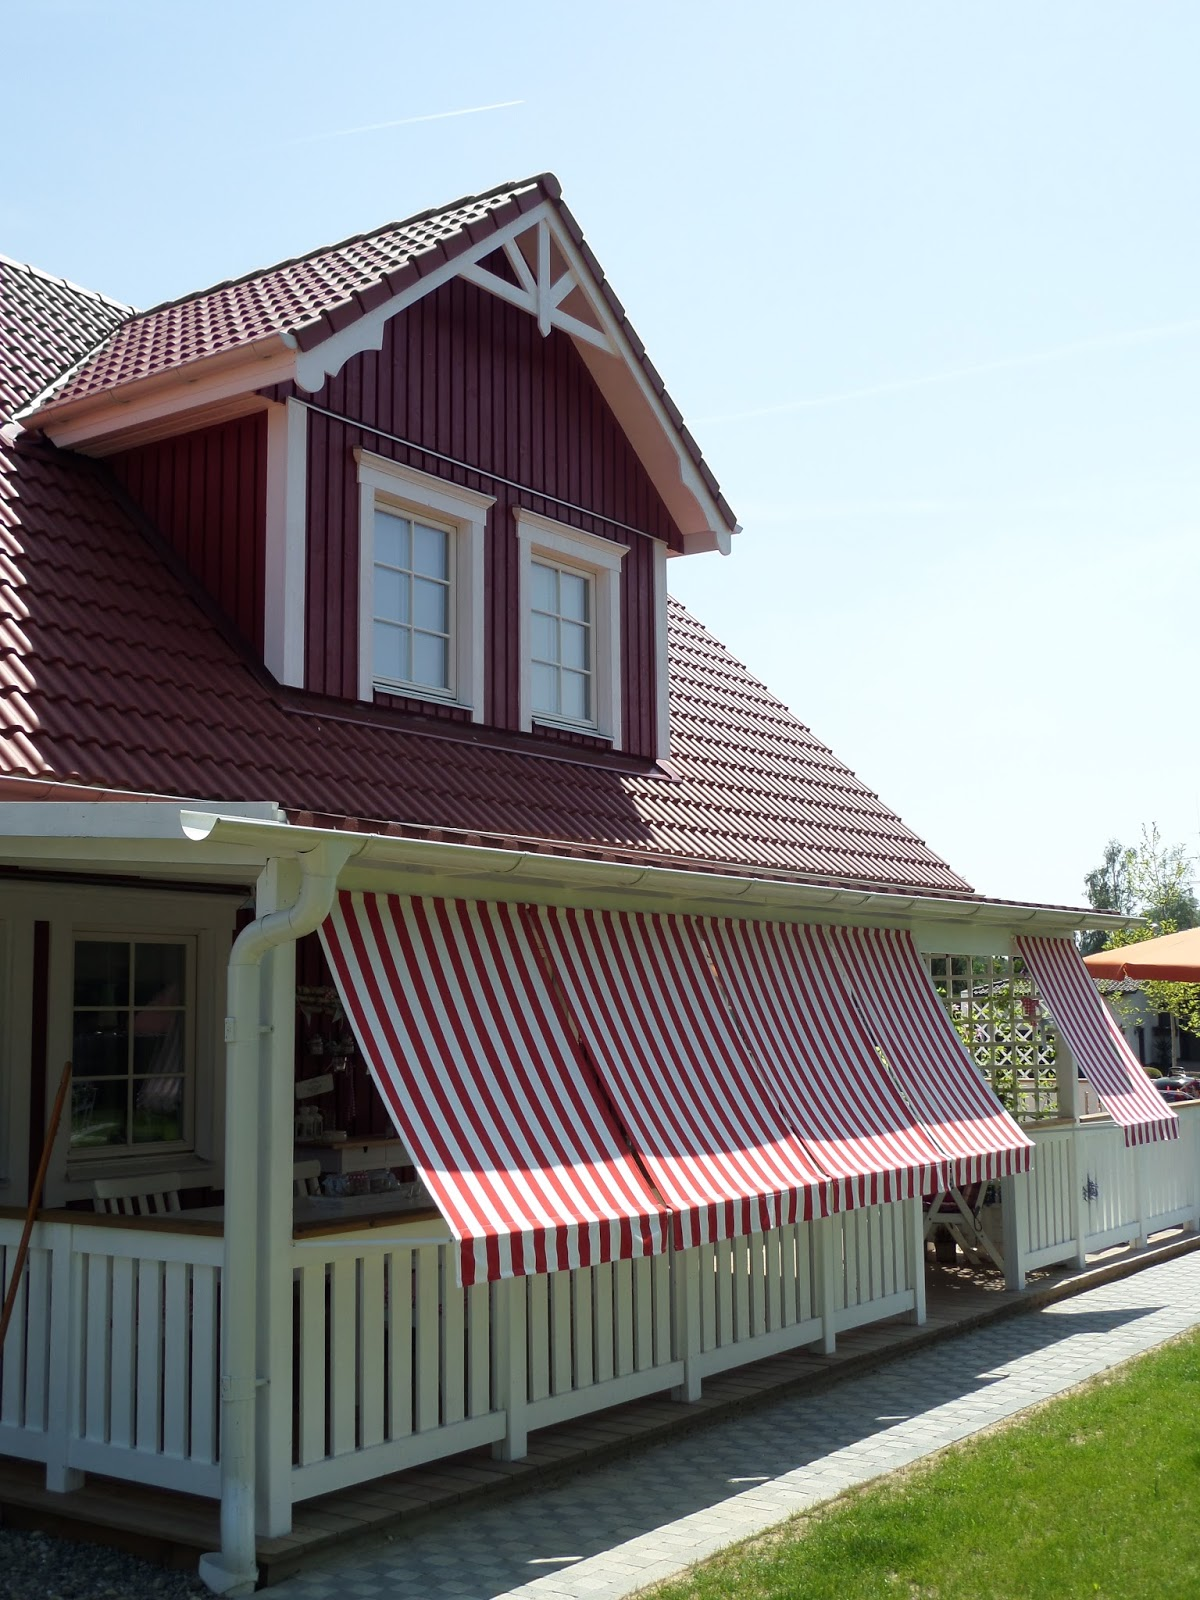 Kleine Lotta Unser Schwedenhaus Markisen für Pergola